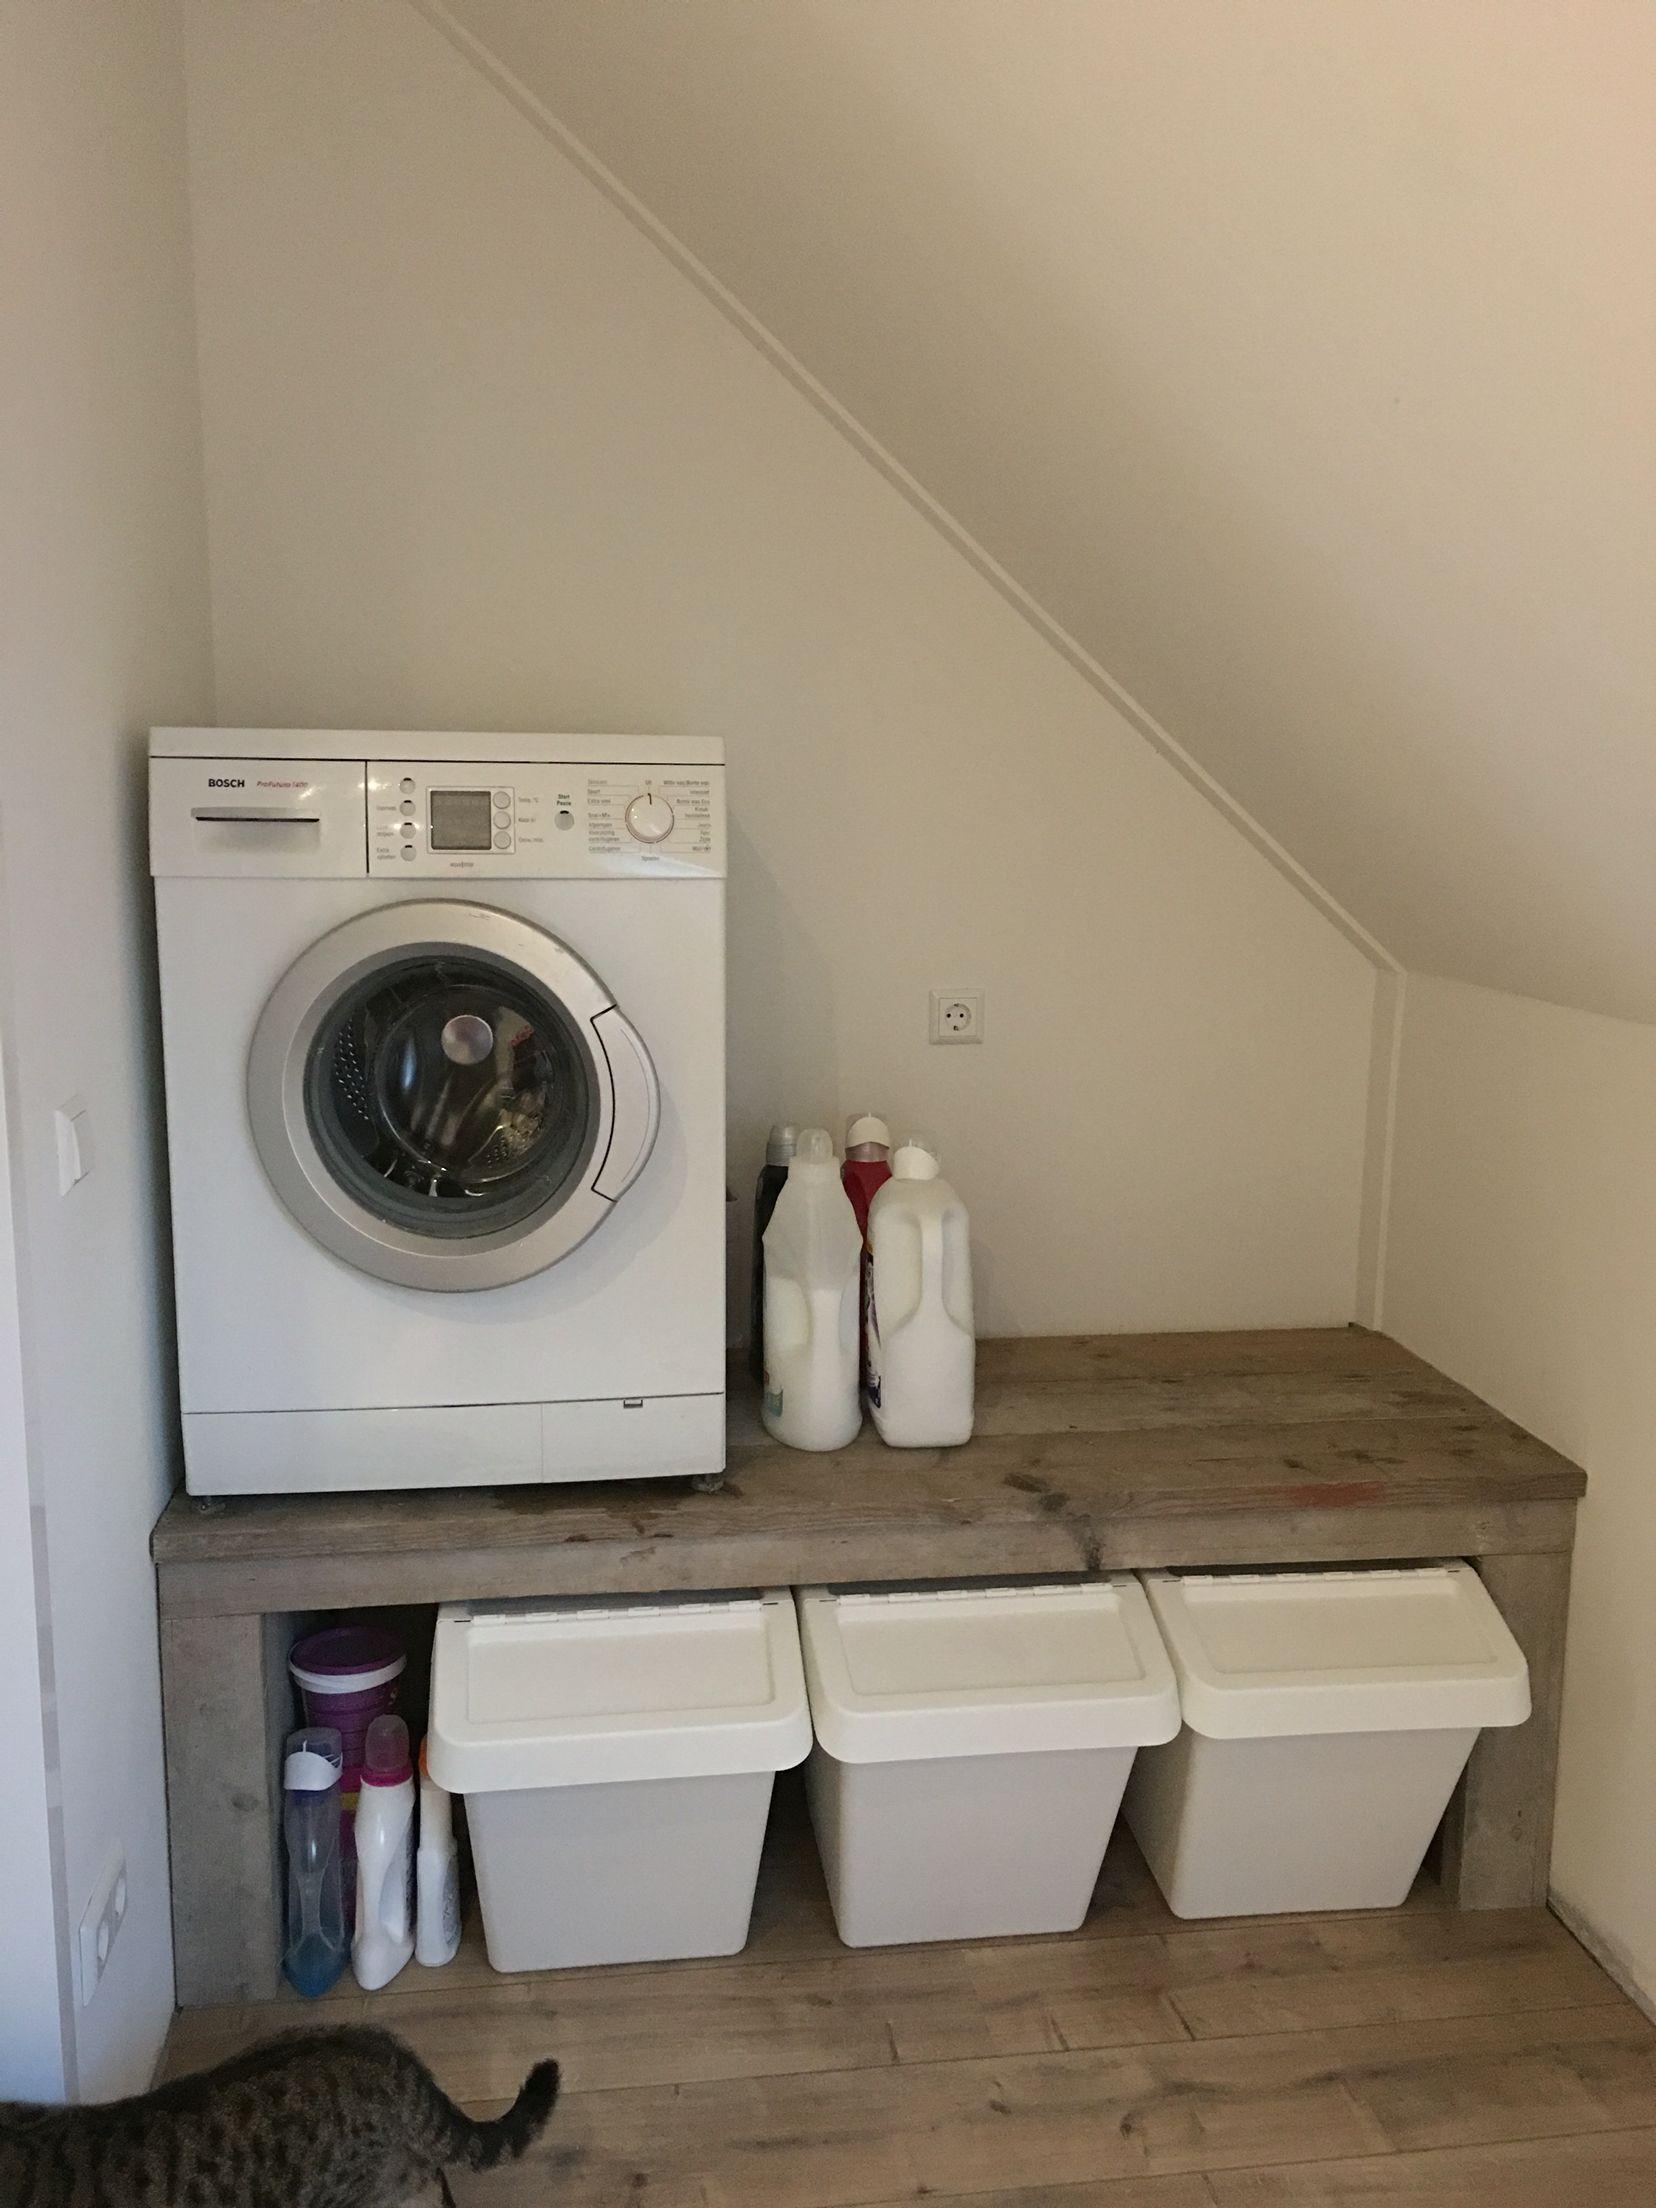 Mooie Wasmachinedroger Verhoging Van Steigerhout Gemaakt Door Mn